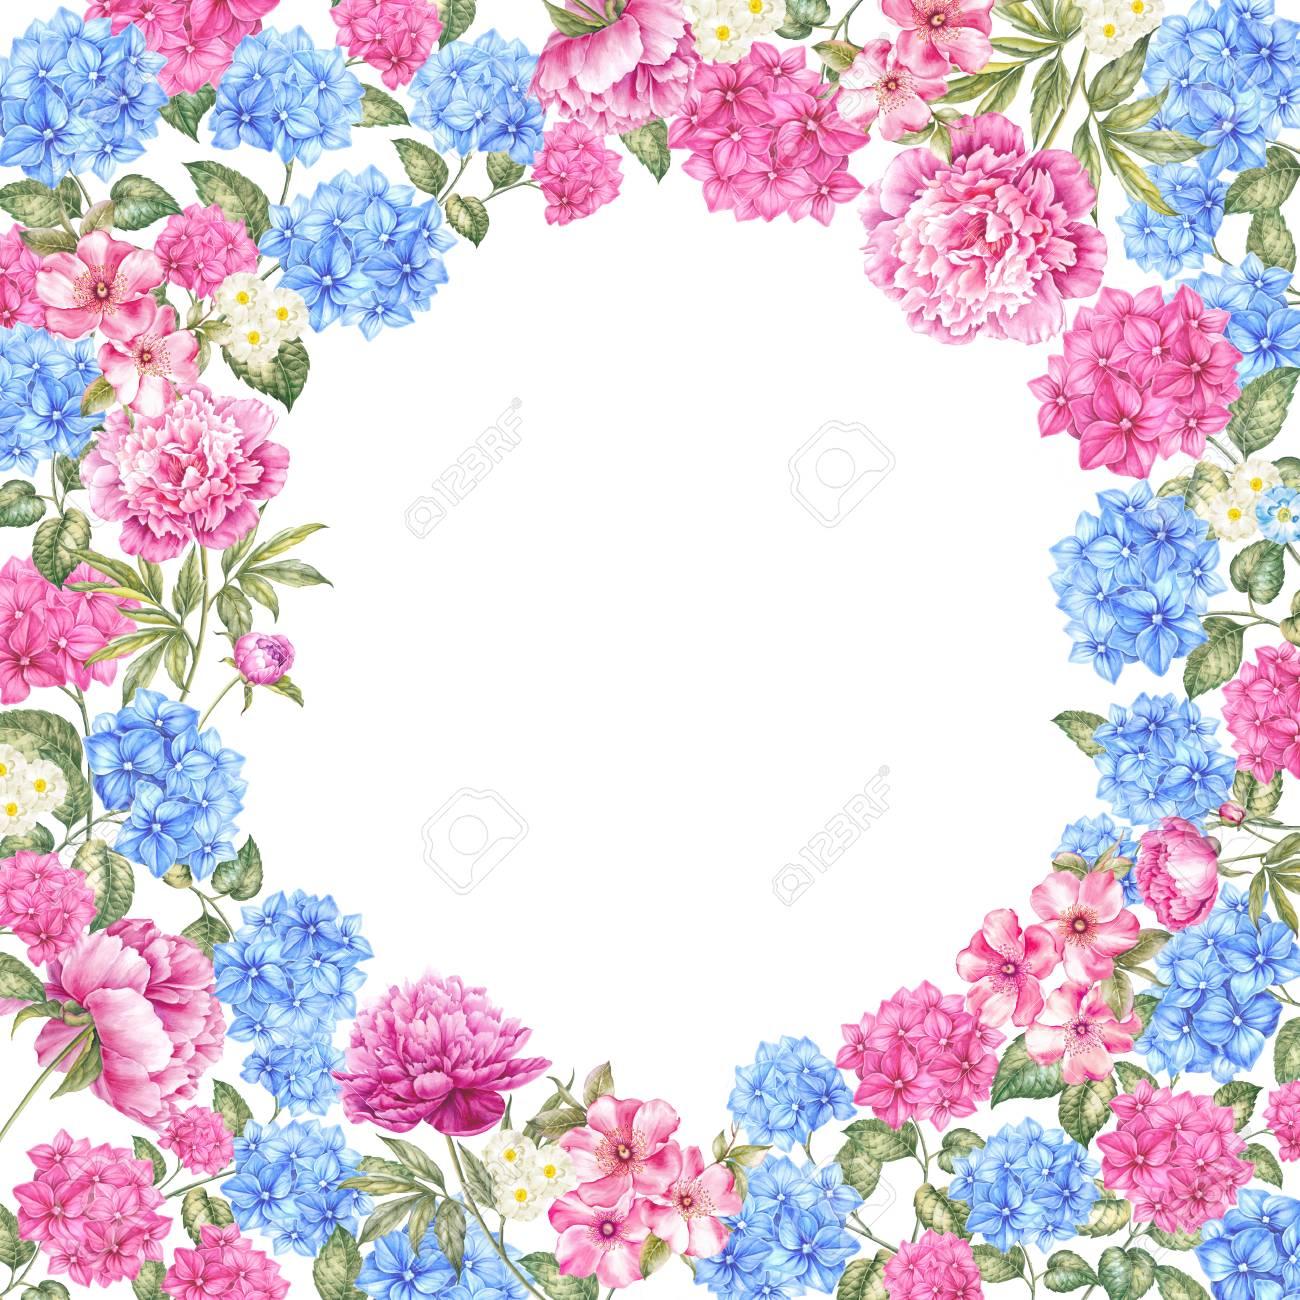 Marco De Flores De Color Hortensia Plantilla De La Frontera De La - Color-hortensia